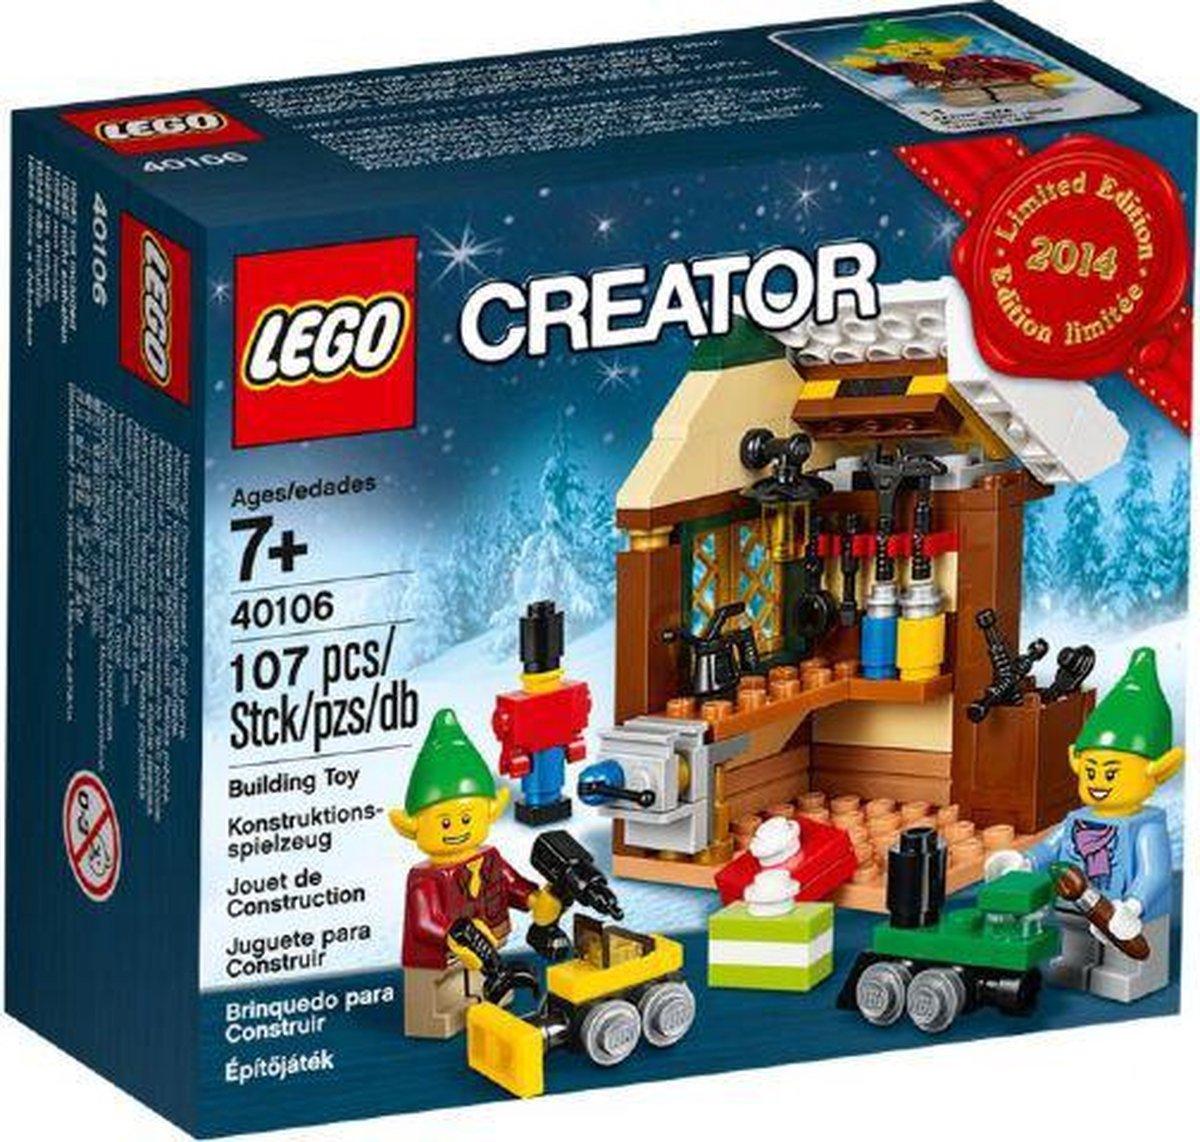 LEGO Creator Toy Workshop - 40106